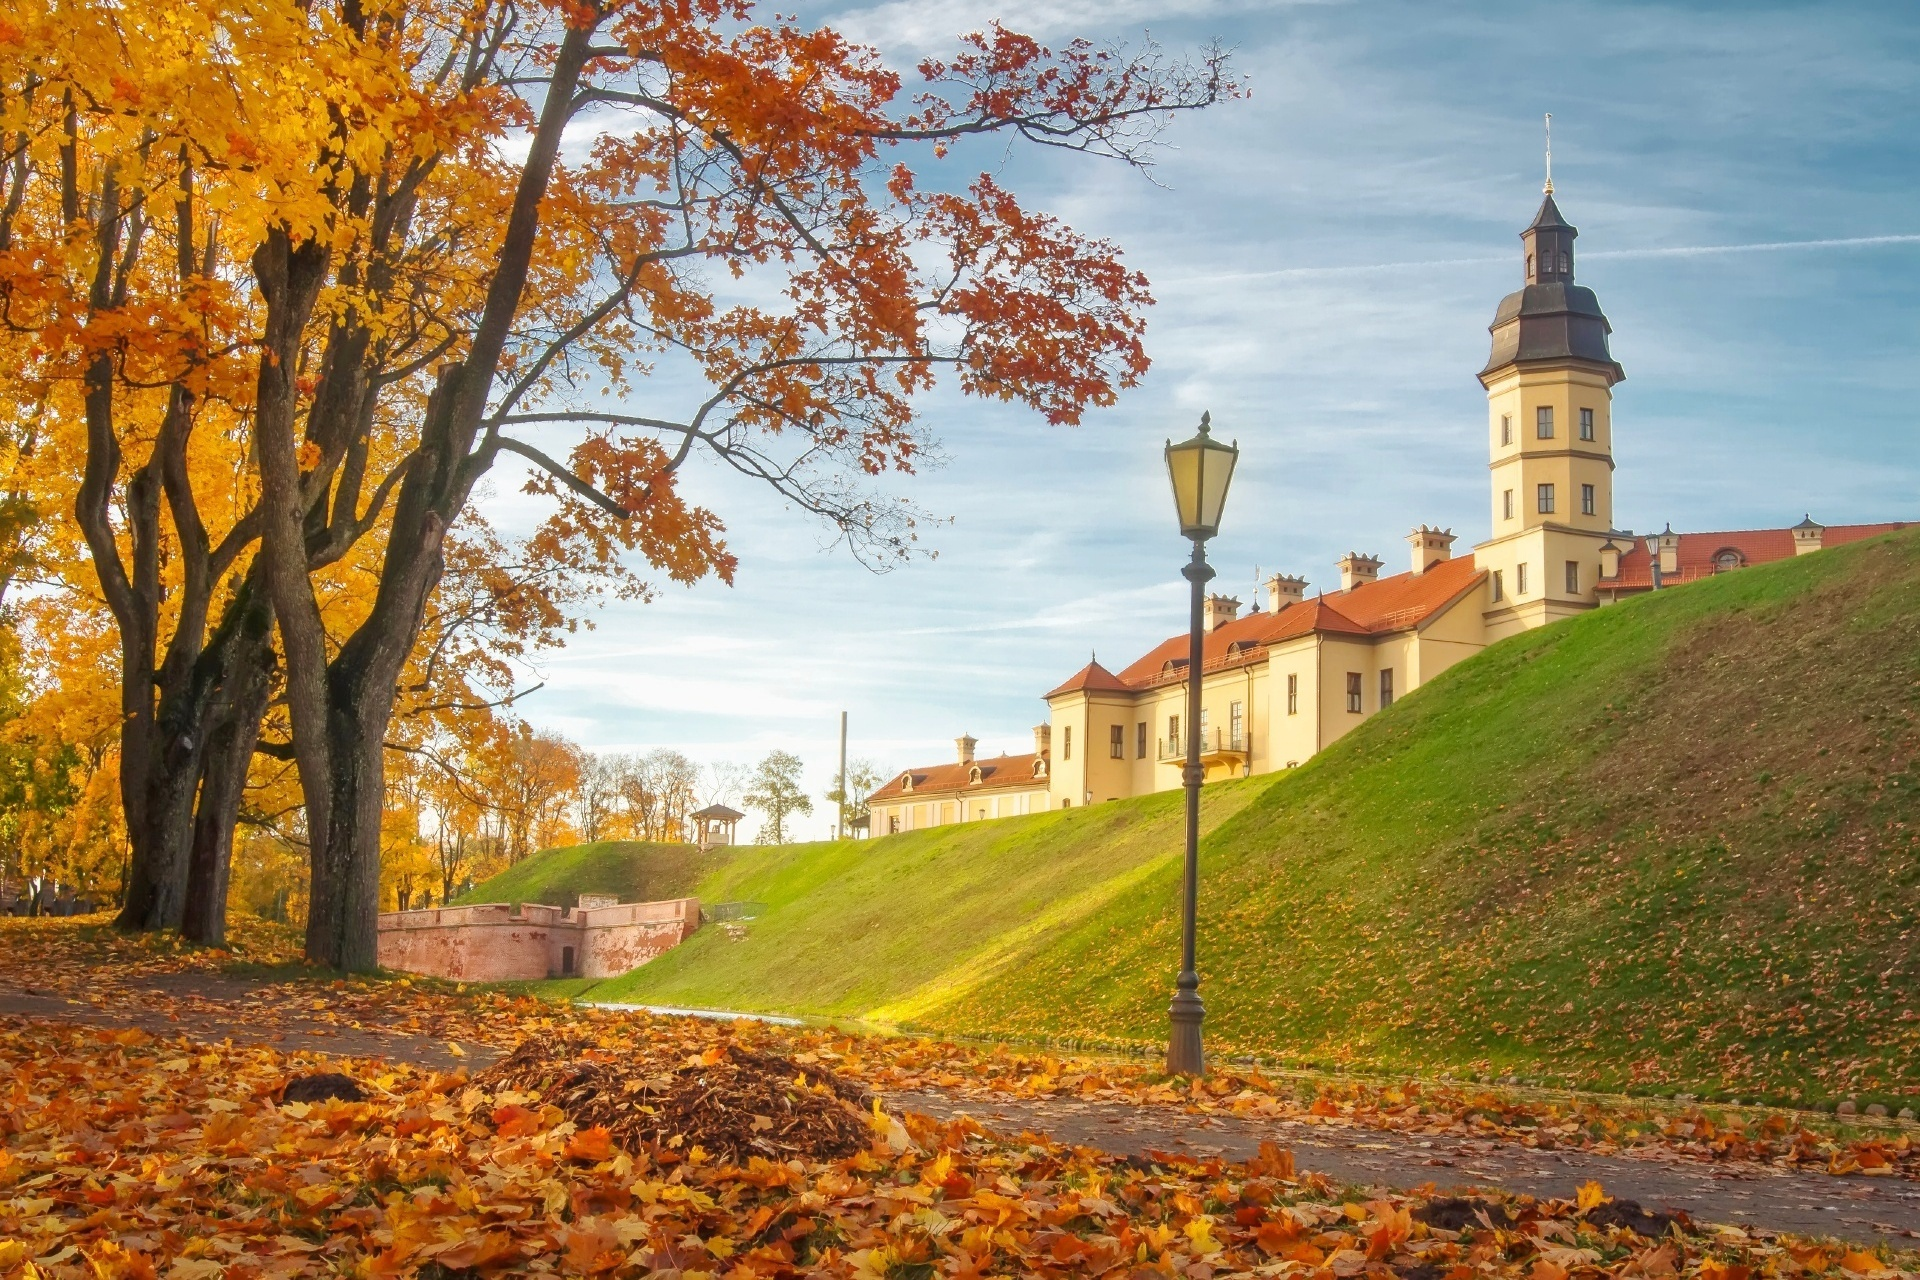 ネスヴィジ城と秋の夕暮れの風景 ベラルーシの風景